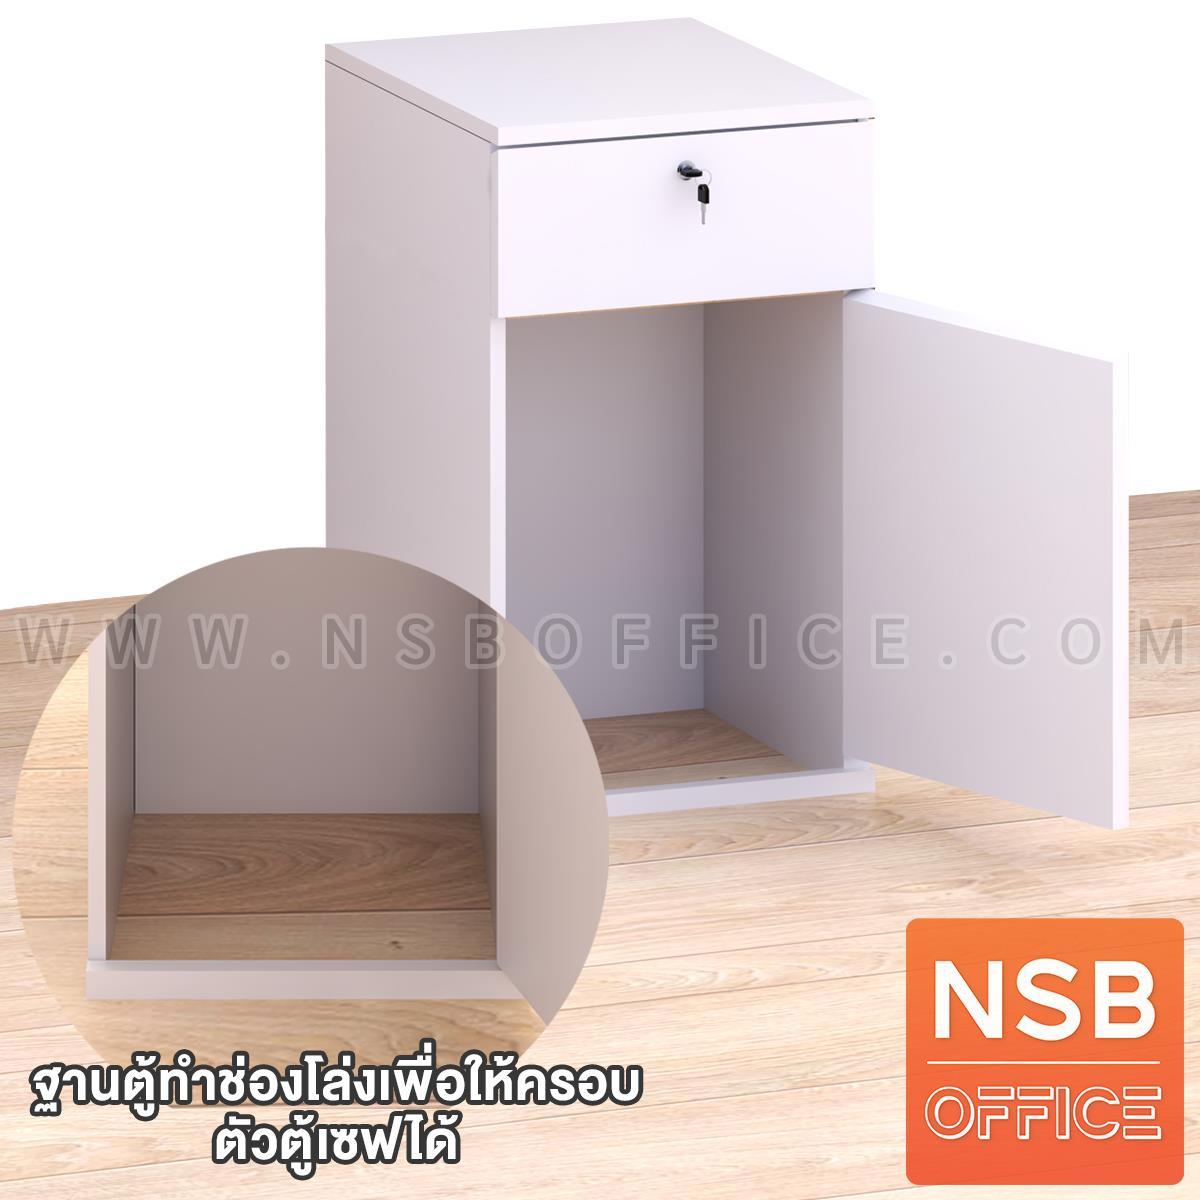 ตู้ครอบเซฟ (แนวตั้ง) รุ่น Extro (เอ็กซ์โทร) ขนาด 45W*55D*77H cm.  สำหรับตู้เซฟน้ำหนัก 51 กก.